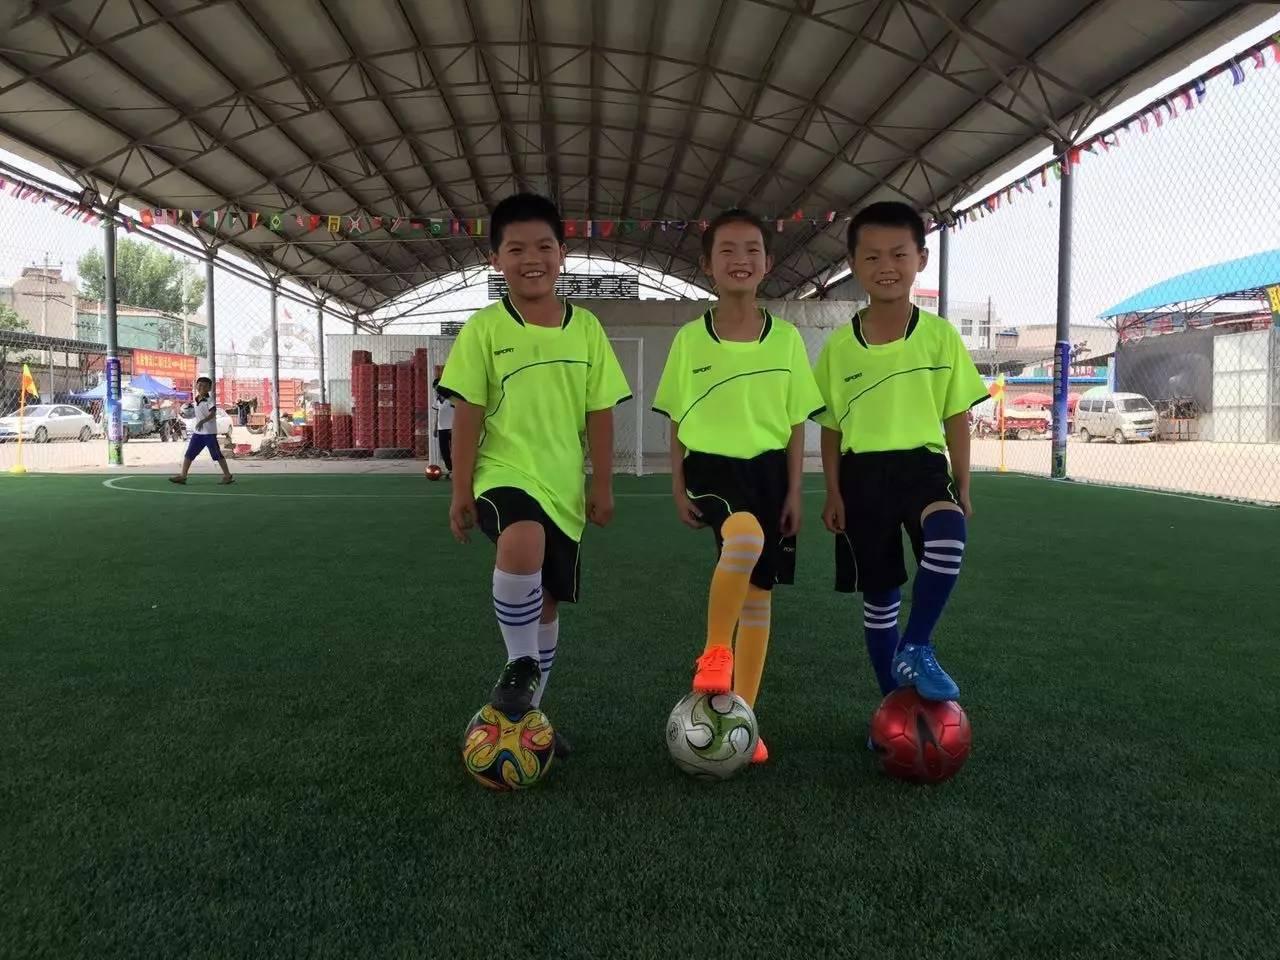 足球曾经是我的梦